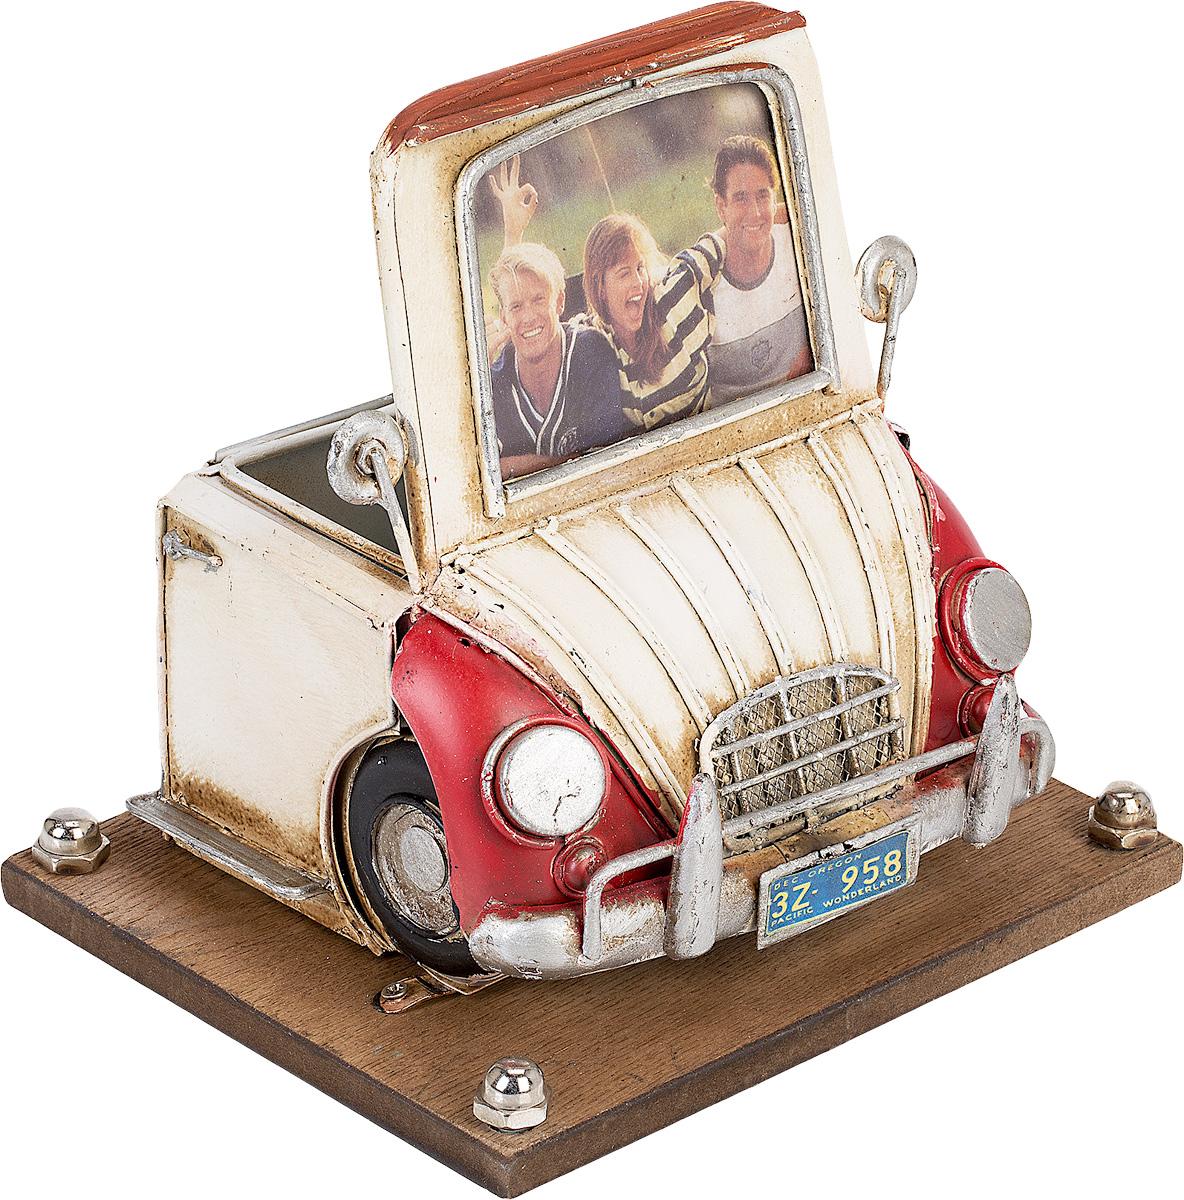 Фоторамка Platinum Автомобиль, с подставкой для ручек, 6 х 8 см. 1404B-12881404B-1288Фоторамка Platinum Автомобиль, выполненная из металла, оснащена подставкой для ручек и карандашей. Такая фоторамка поможет вам оригинально и стильно дополнить интерьер помещения, а также позволит сохранить память о дорогих вам людях и интересных событиях вашей жизни.